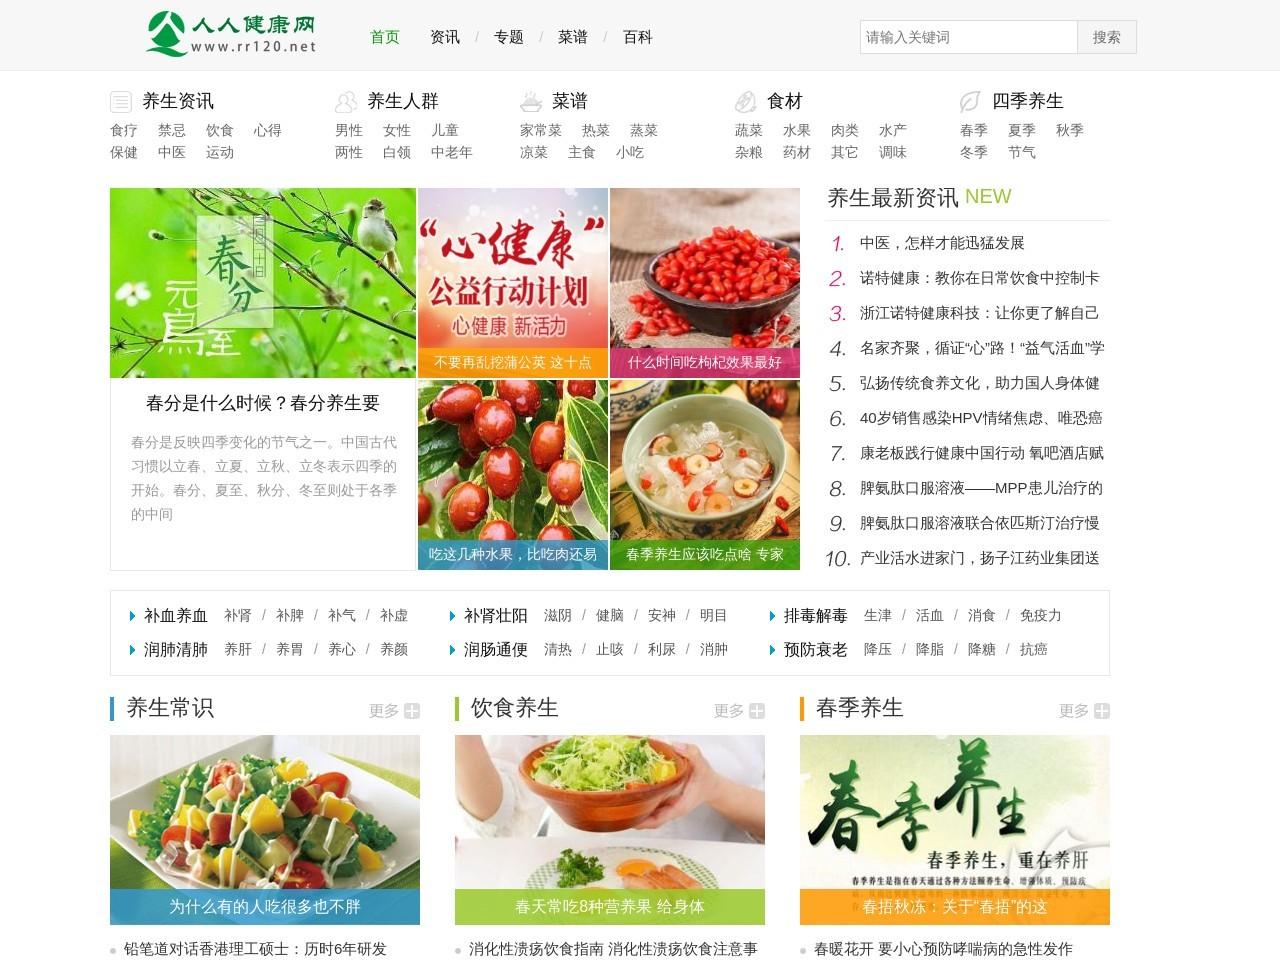 人人健康网-提供生活小常识、养生食谱、养生粥、养生汤、养生茶等养生知识!